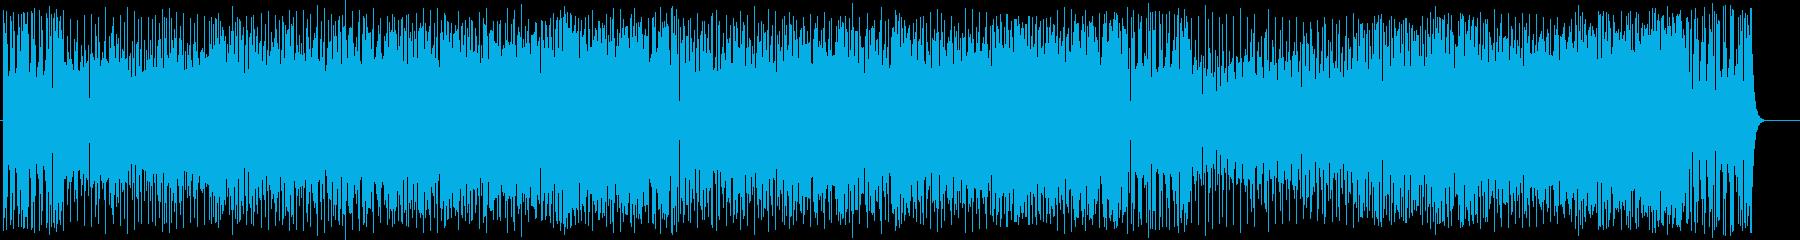 エンディング・テーマ向けのフュージョンの再生済みの波形